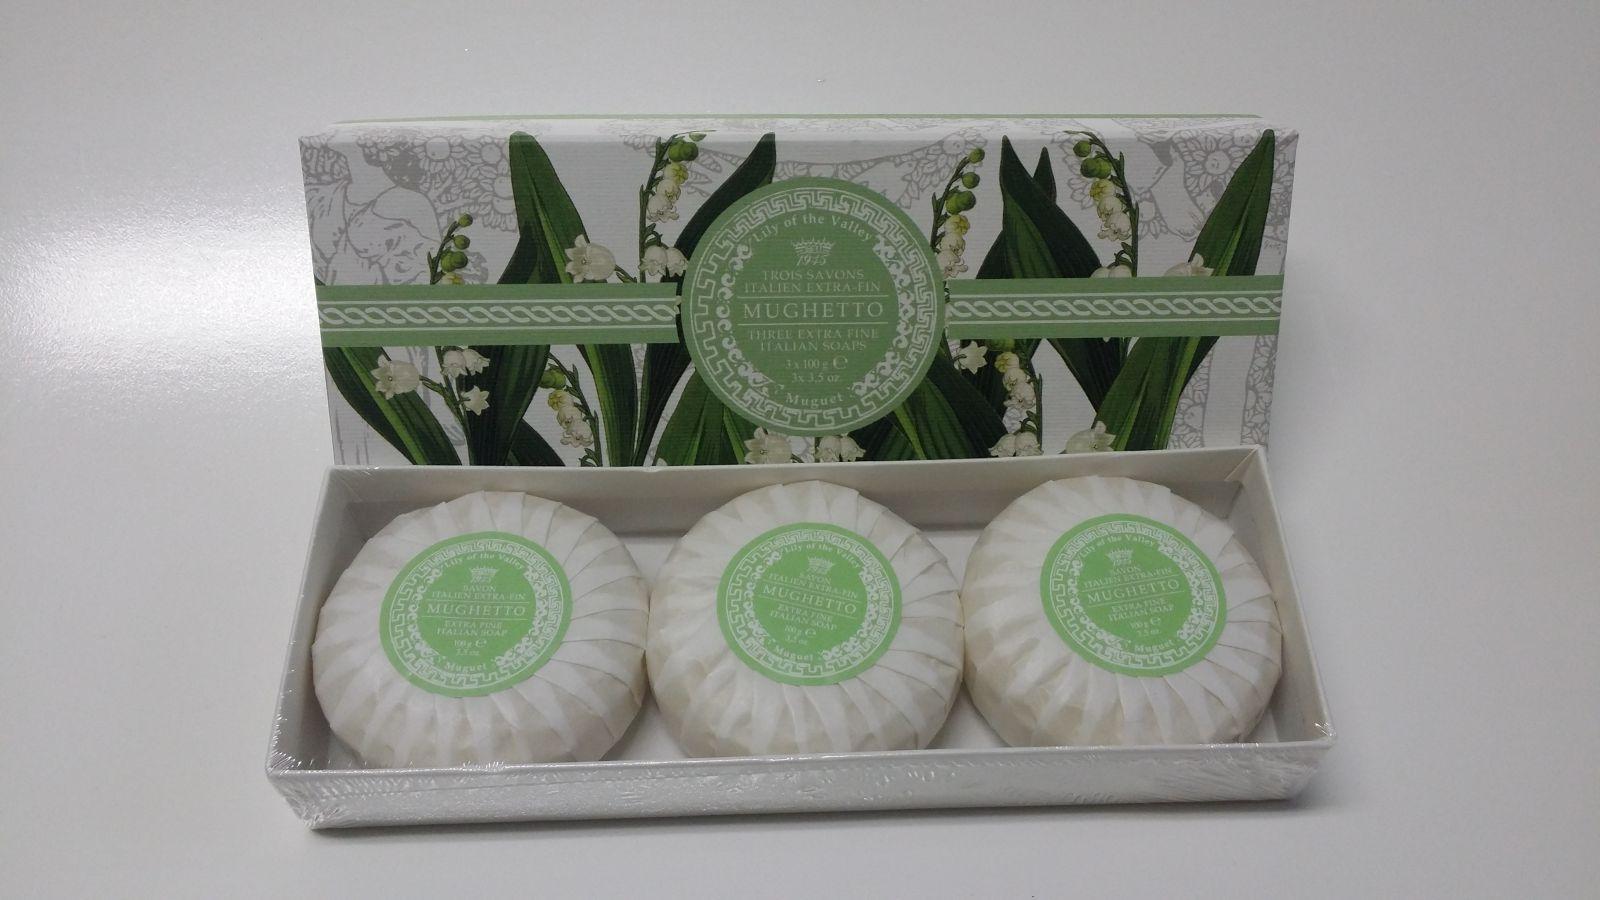 Saponificio Varesino - Mughetto soap 3 x 100 g